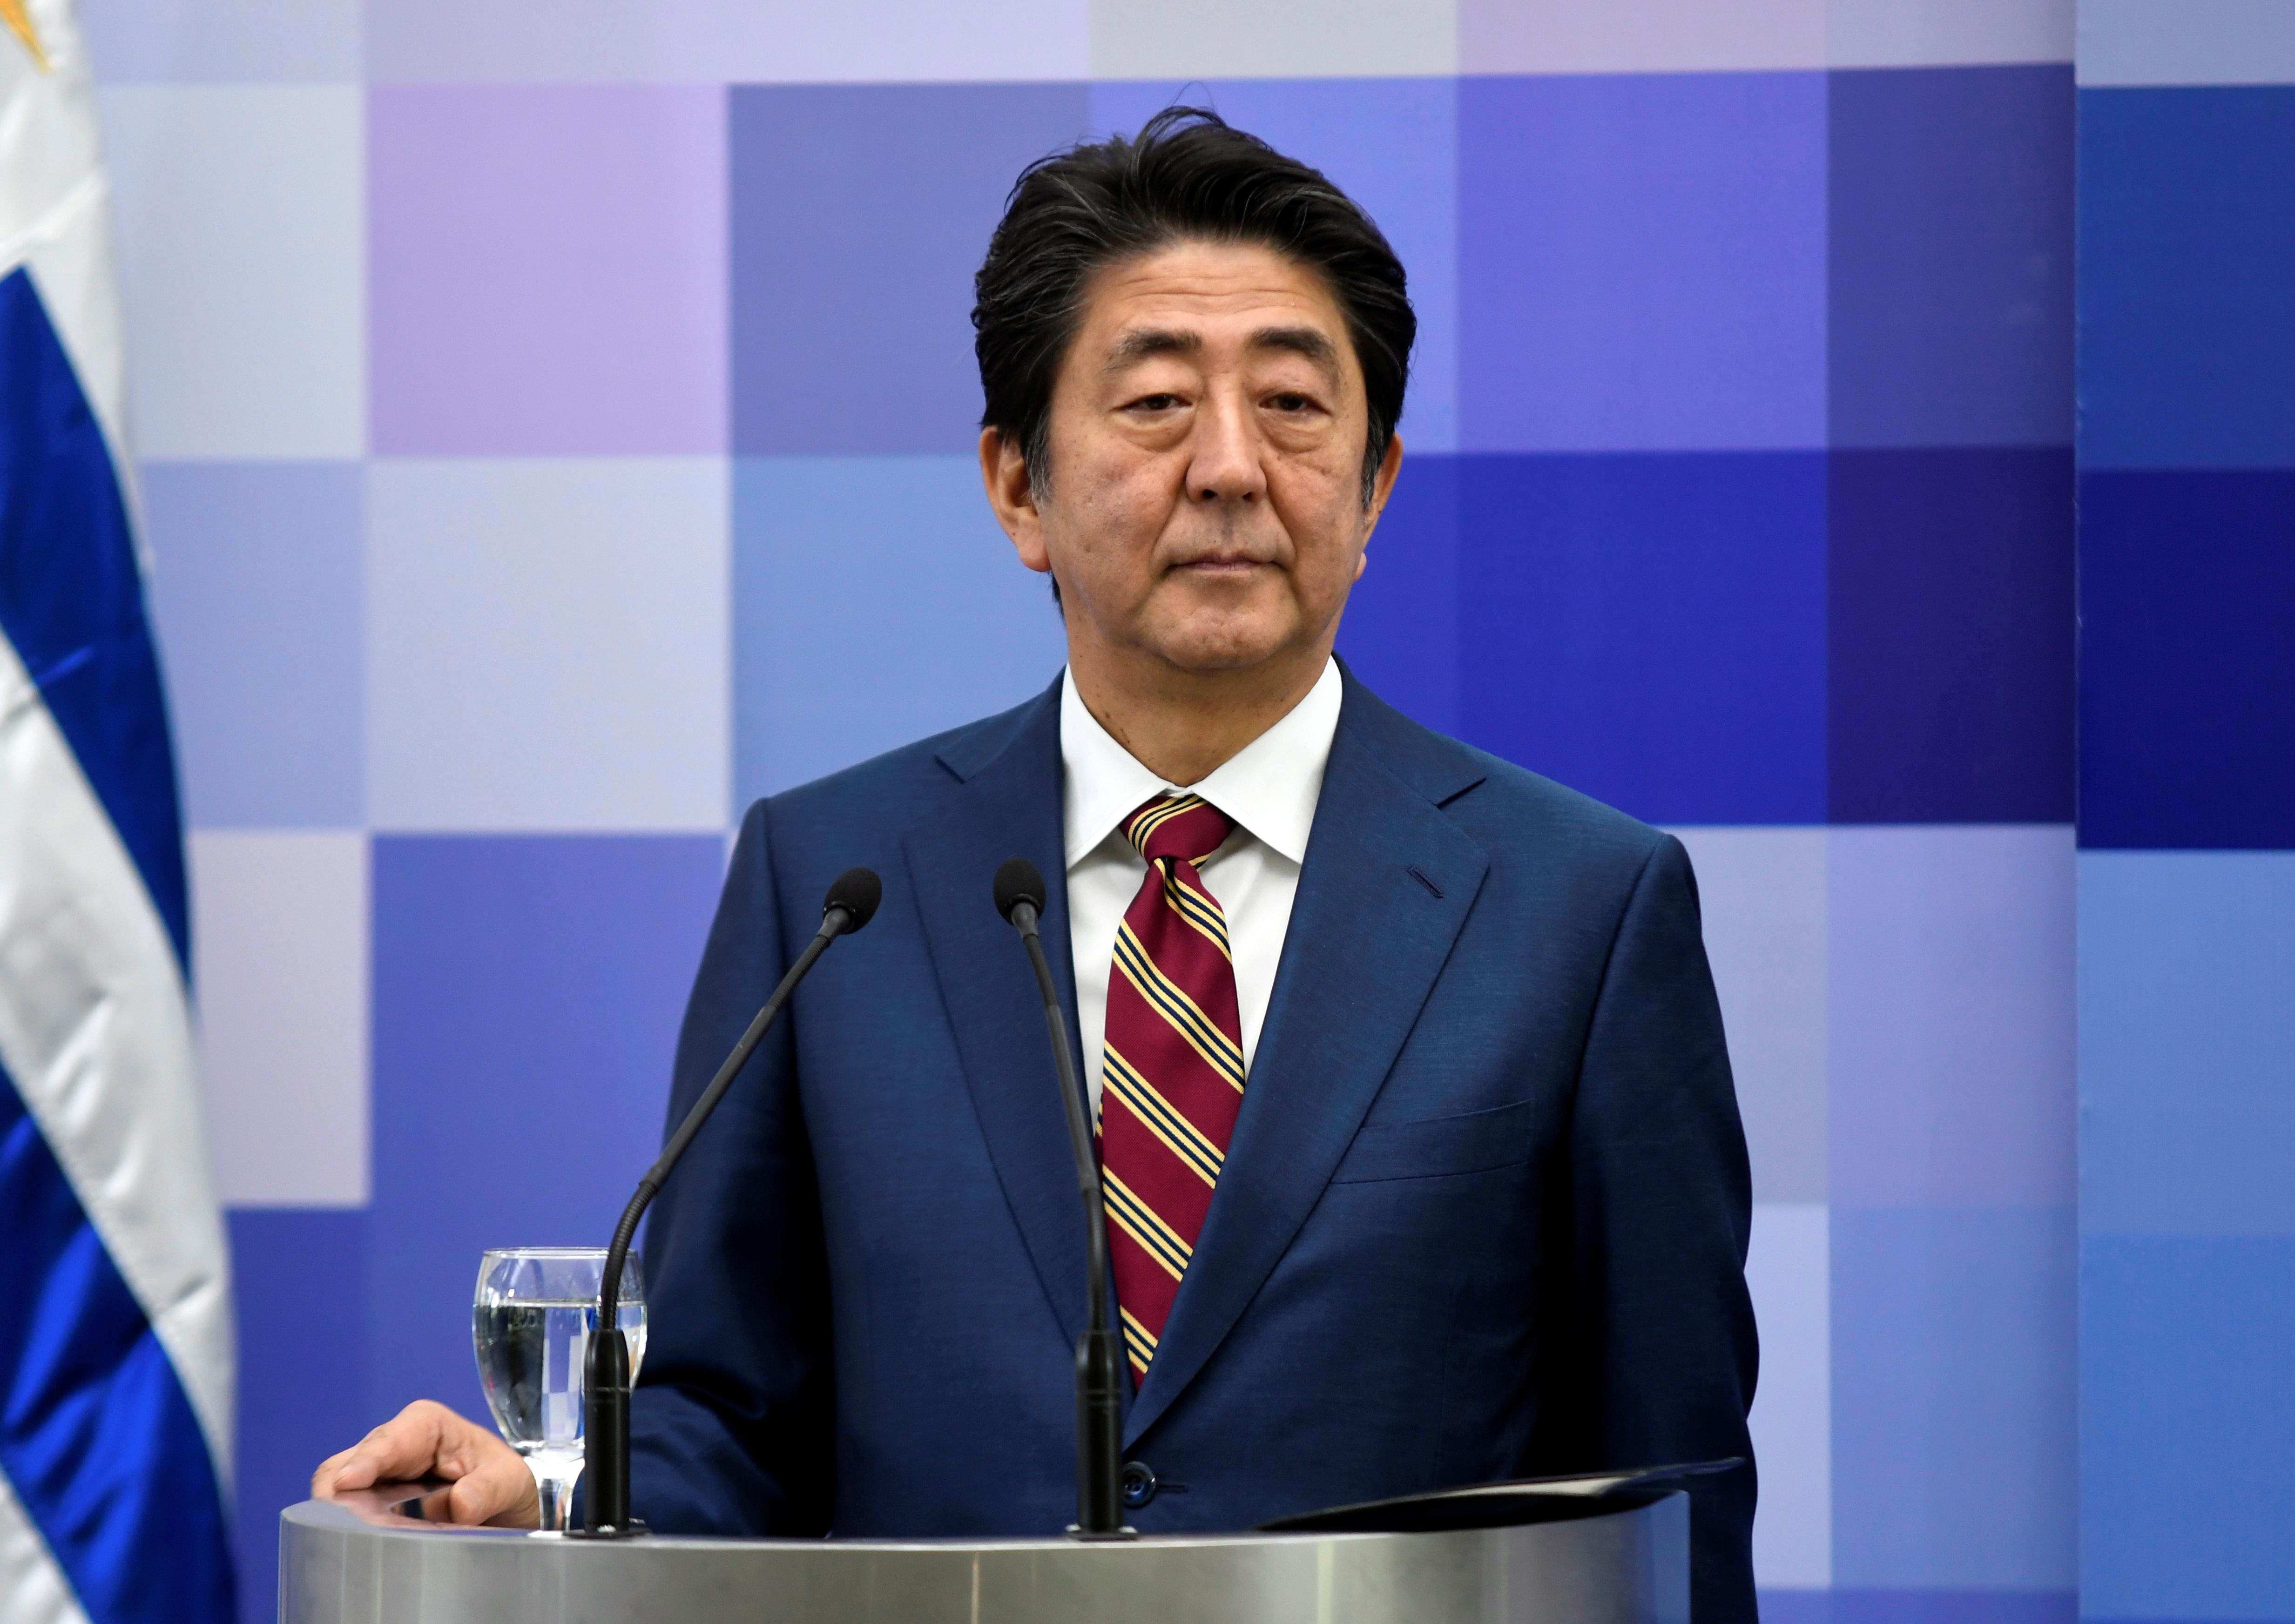 le-premier-ministre-japonais-veut-un-traite-de-paix-avec-la-russie